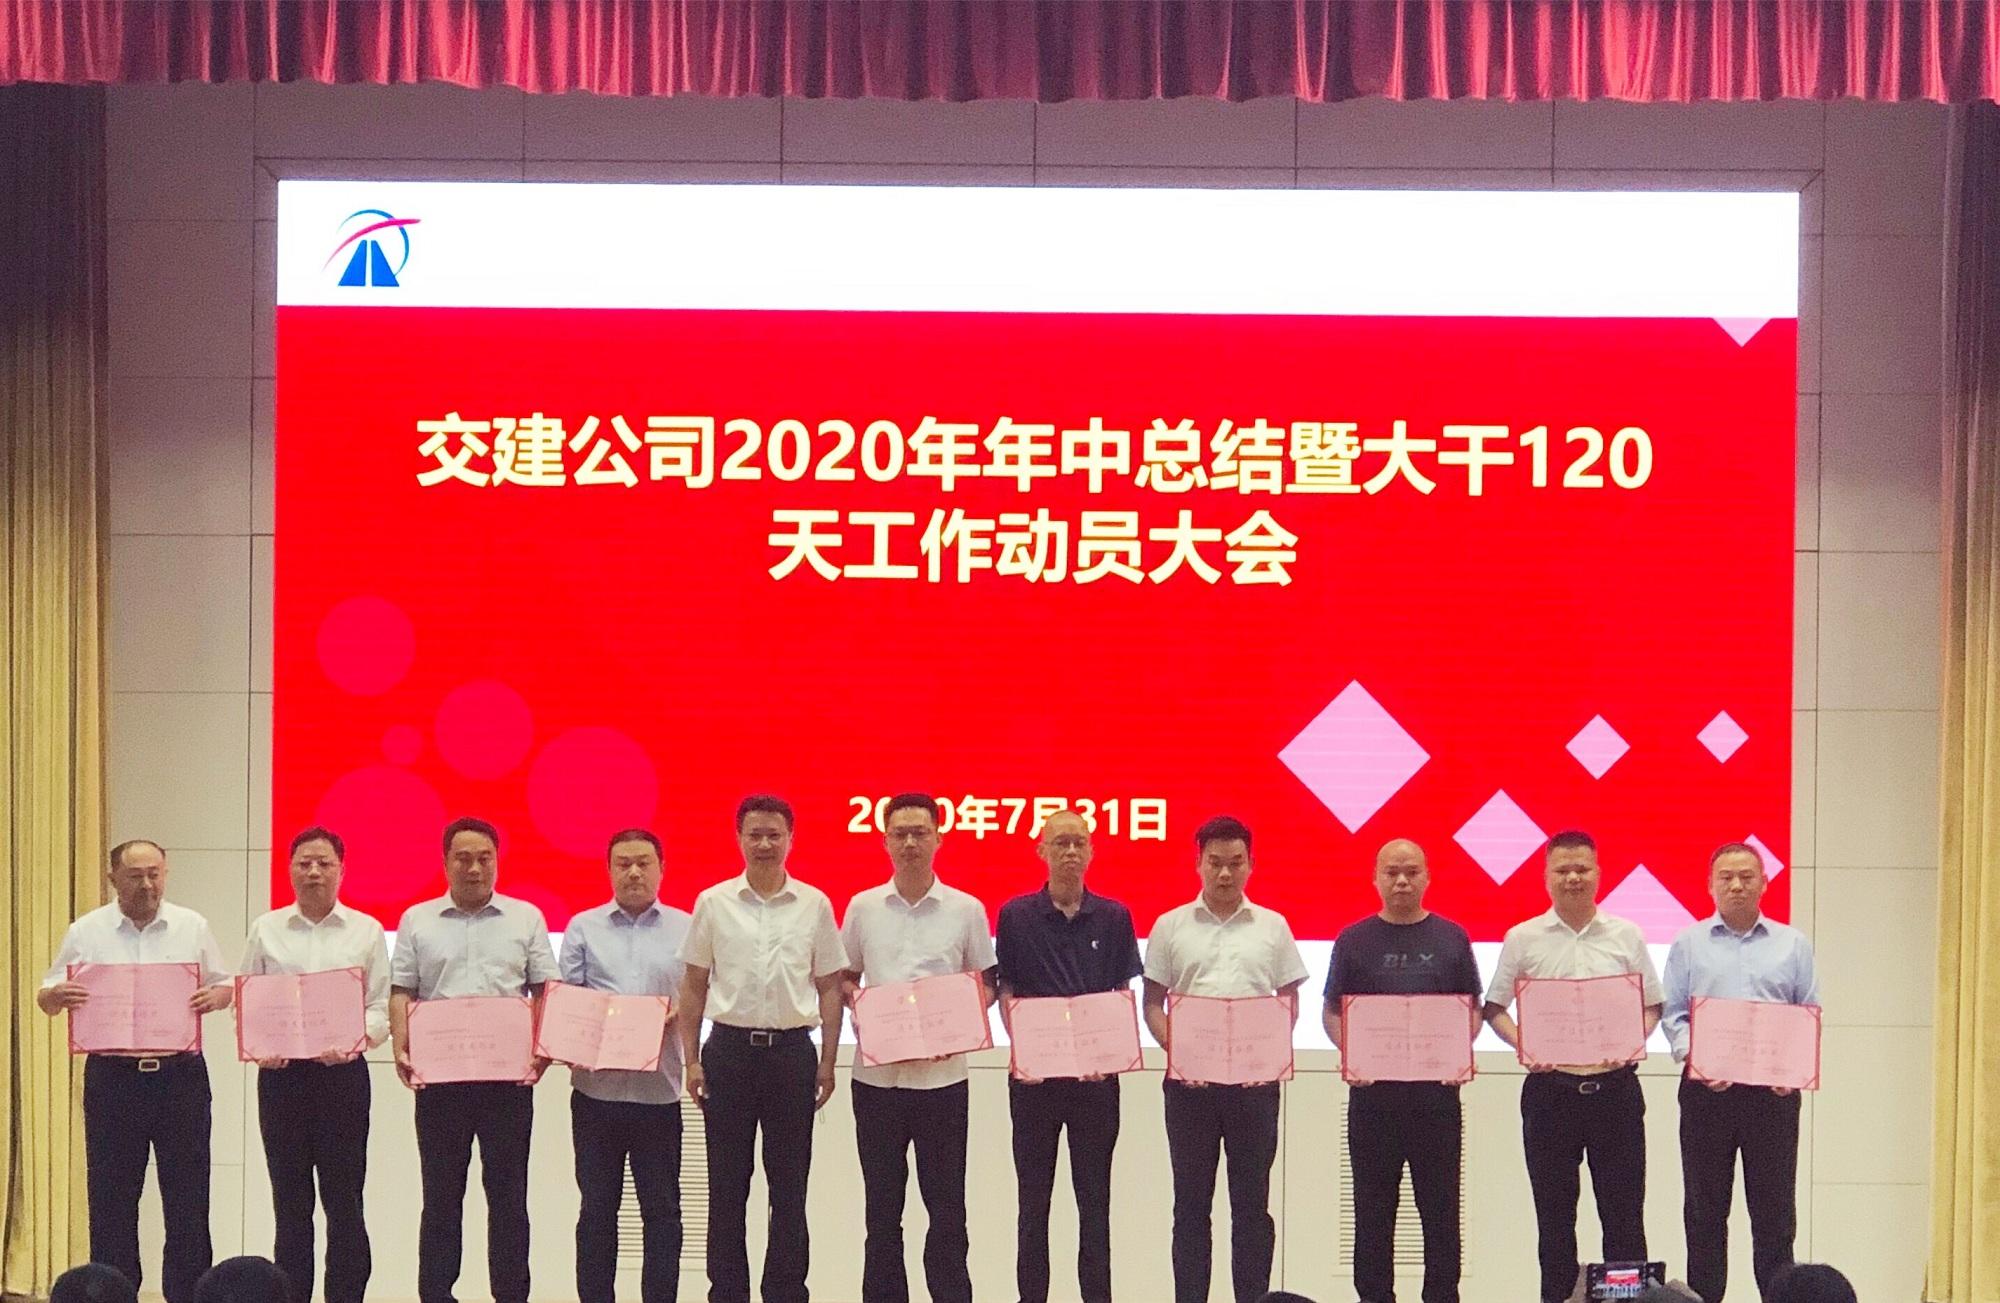 """20200731 中山纵二南项目荣获""""优秀履约奖"""" 图1_副本.jpg"""